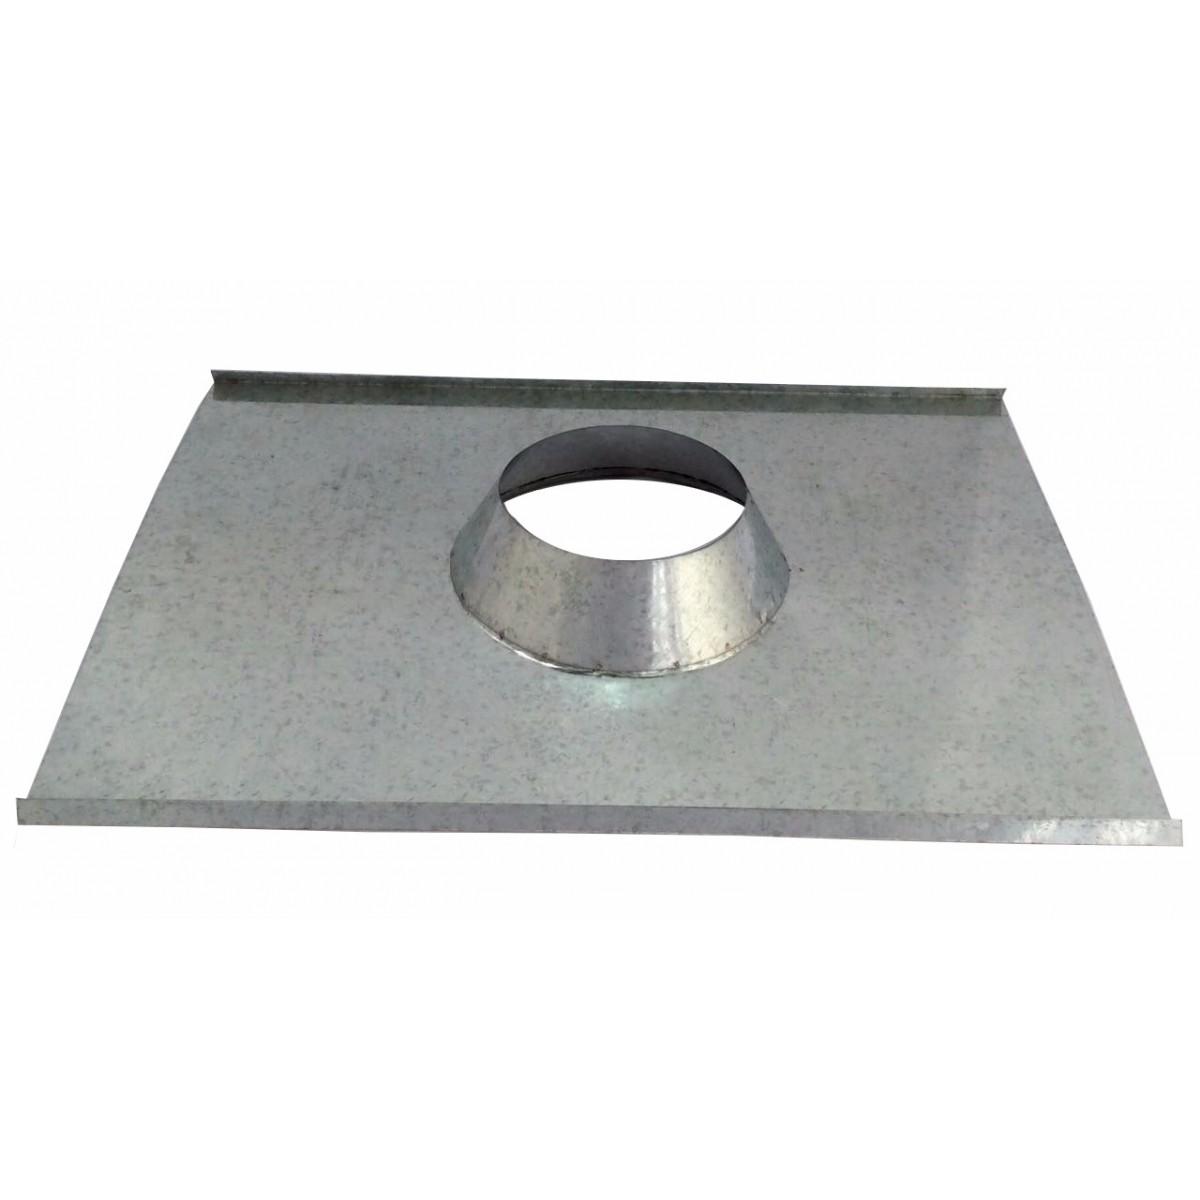 Rufo colarinho de telhado galvanizado para chaminé de 230 mm de diâmetro  - Galvocalhas